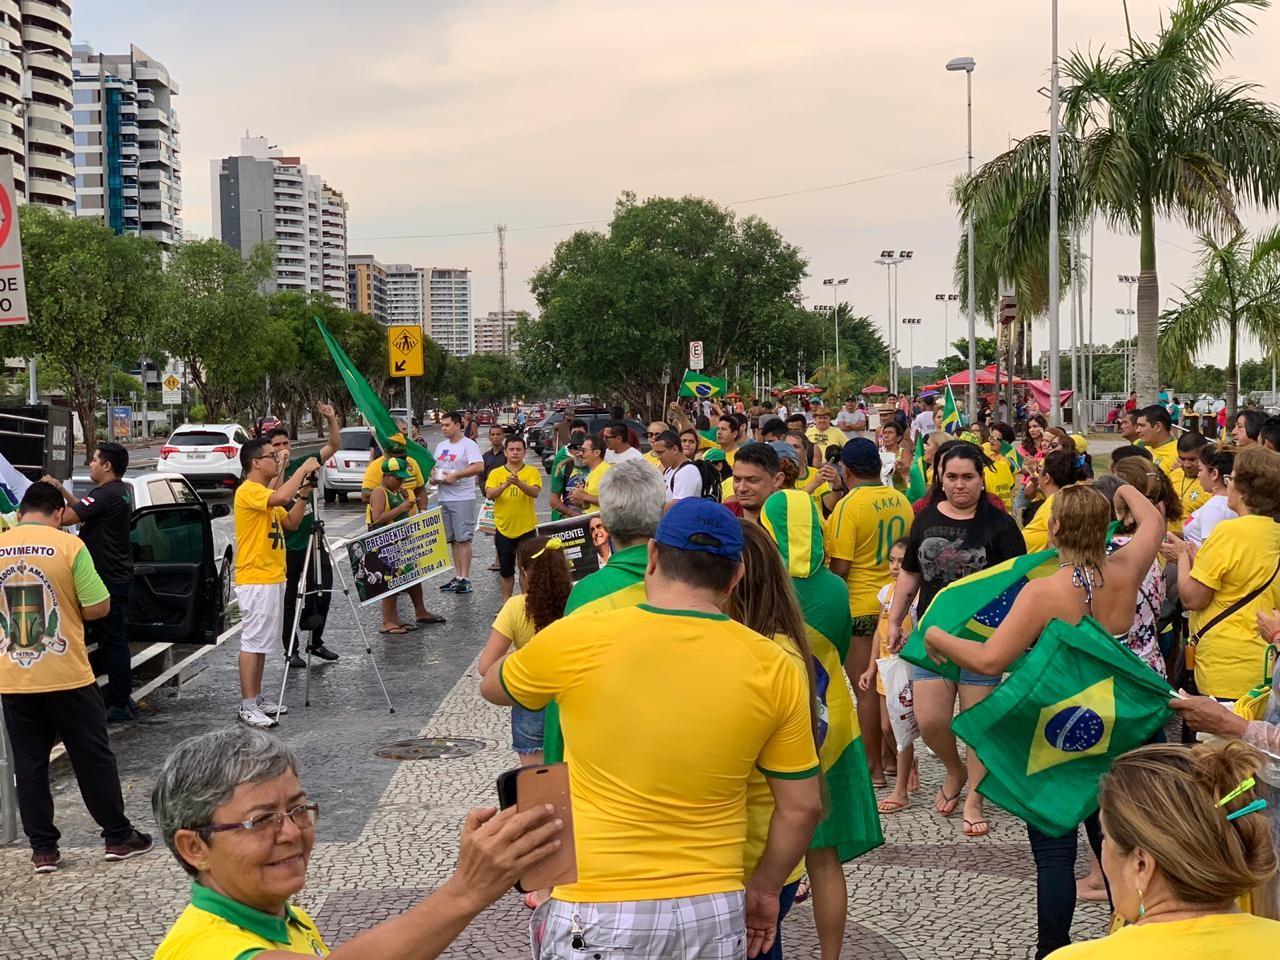 Manifestantes fazem ato a favor da Lava Jato e contra a lei de abuso de autoridade em Manaus - Notícias - Plantão Diário